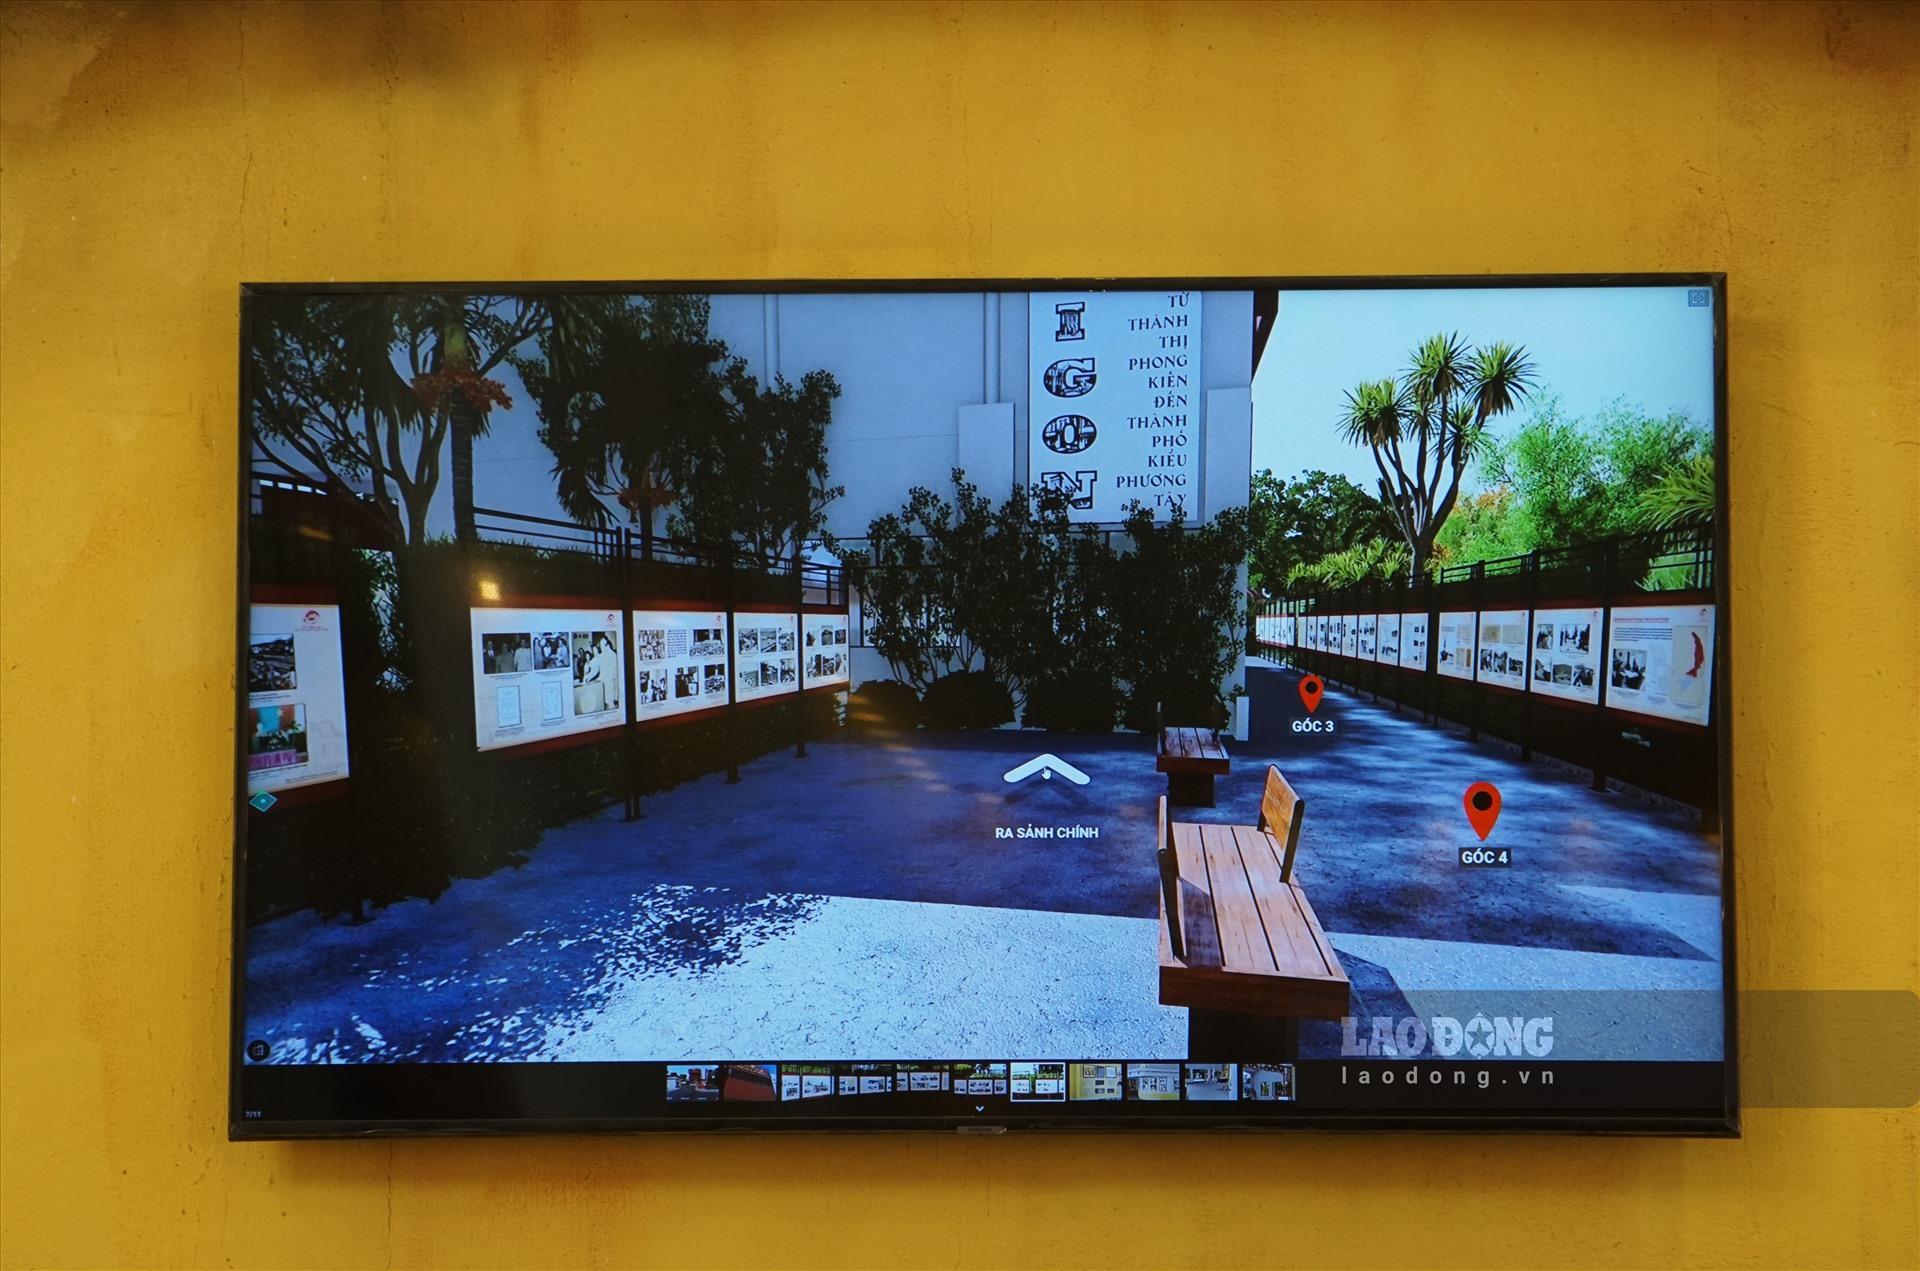 Công nghệ thực tế ảo 360 VR giúp khán giả xem có thể xem triển lãm và tài liệu trưng bày ngay tại nhà. Ảnh: Thanh Chân.